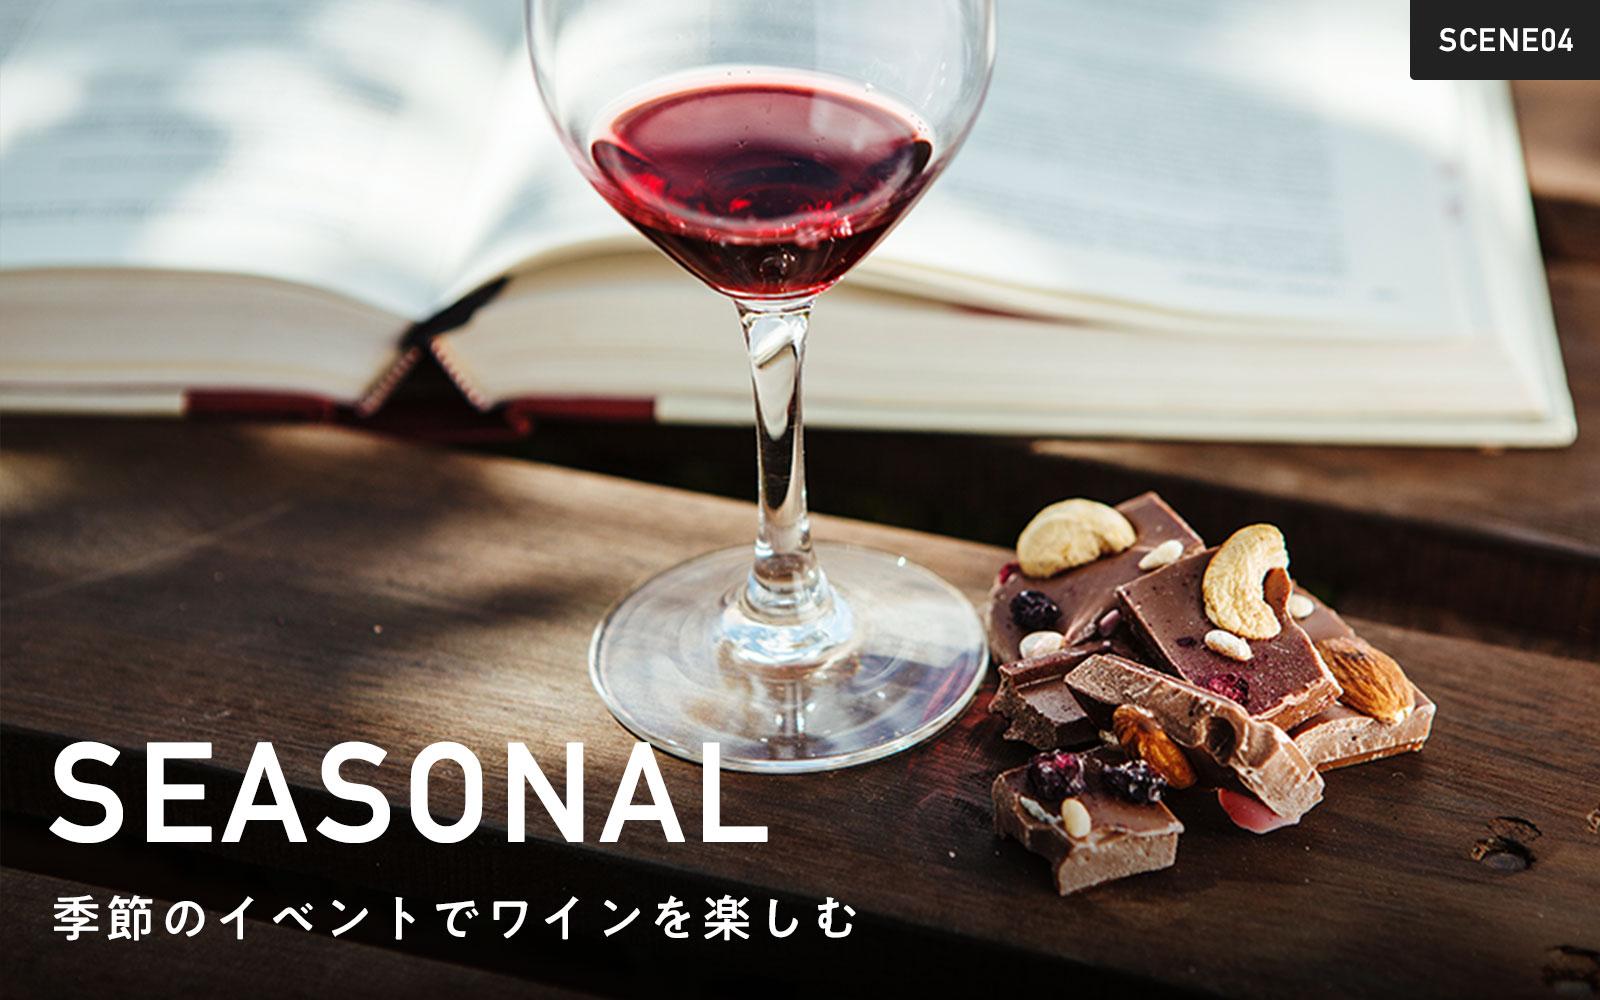 SCENE 04 季節のイベントでワインを楽しむ